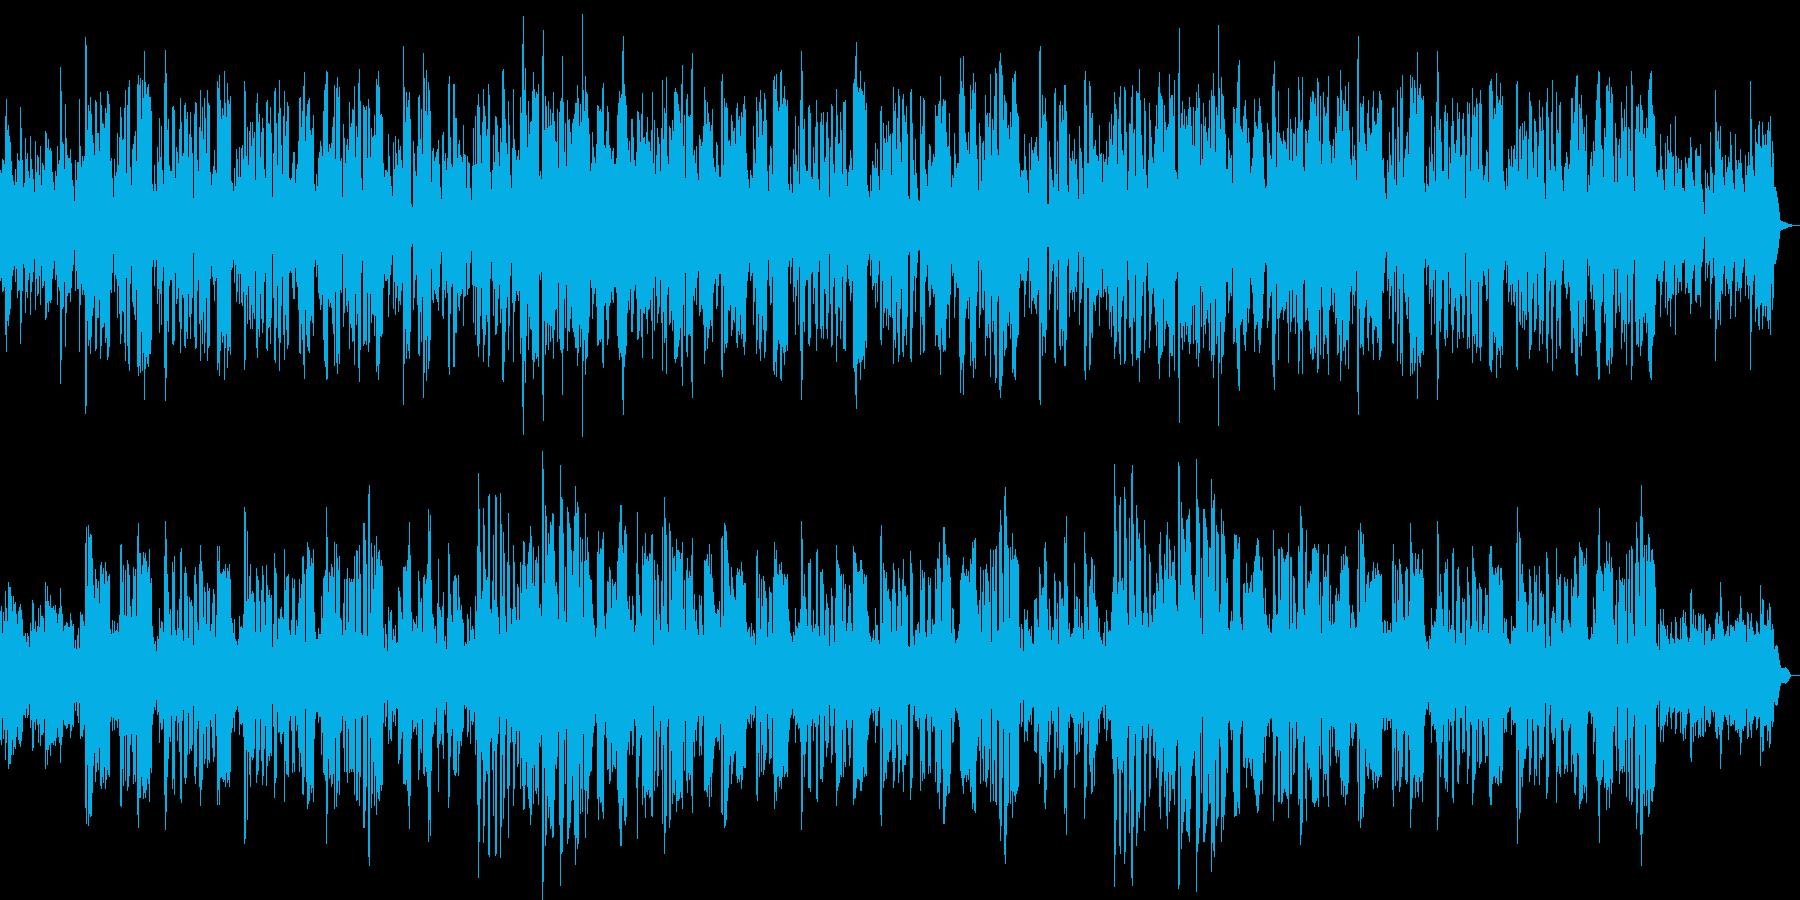 かわいいパズルゲーム用BGMの再生済みの波形